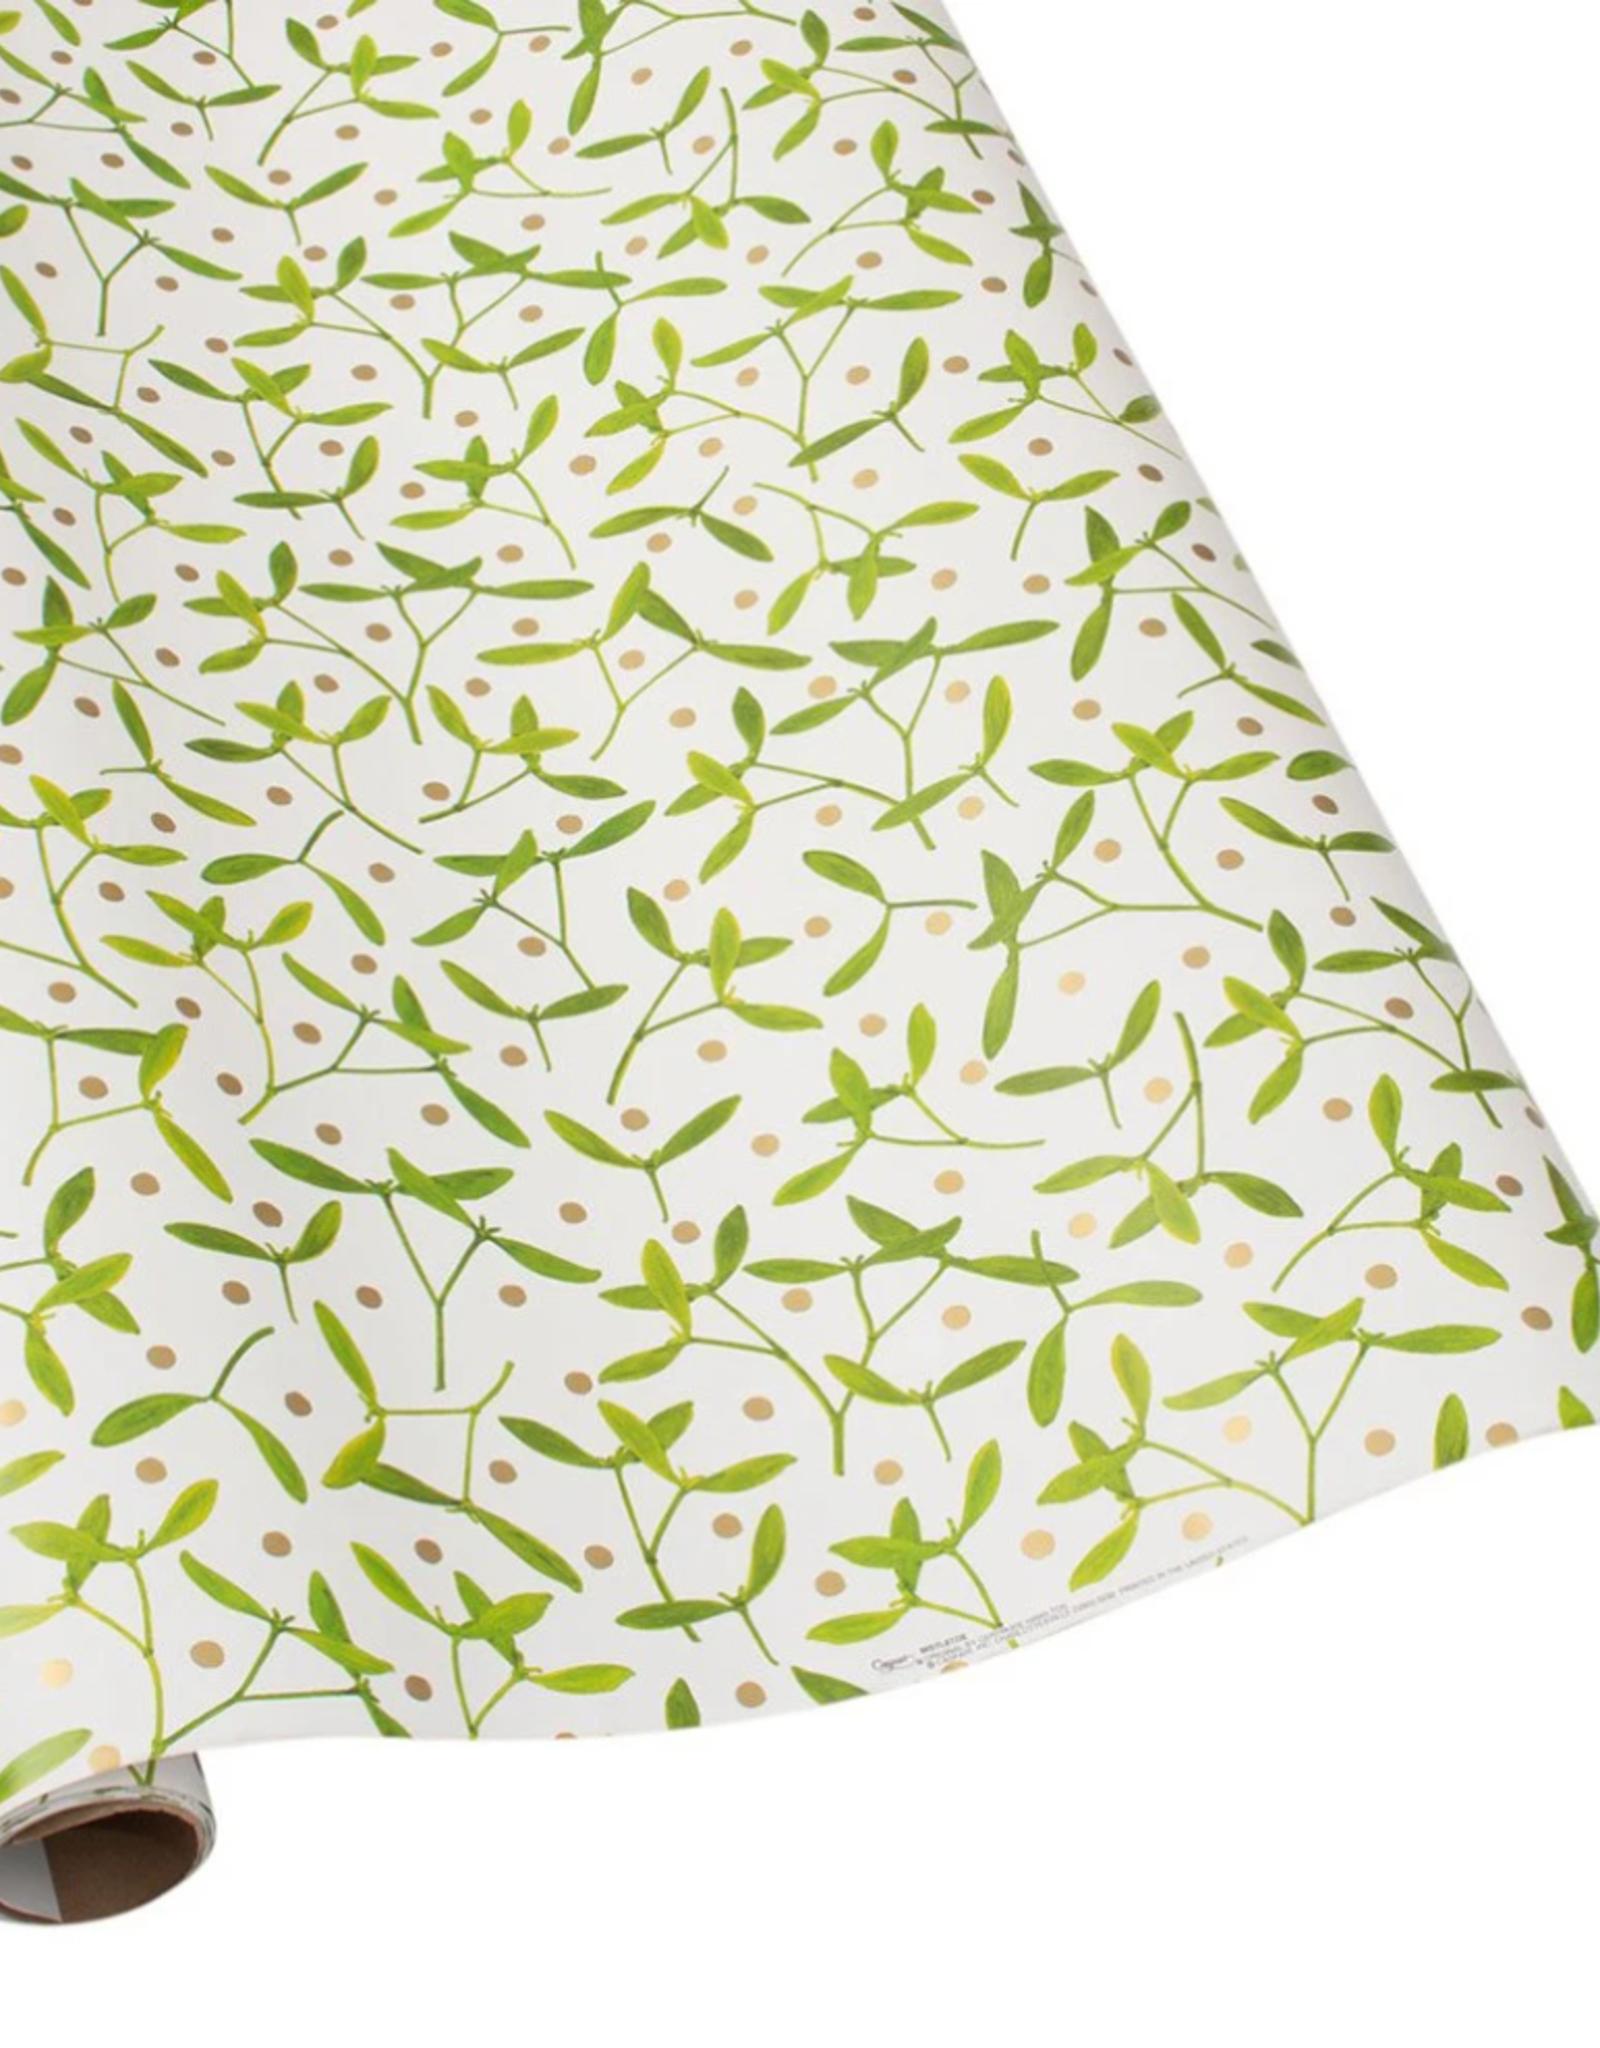 Rouleau de papier cadeau Mistletoe blanc